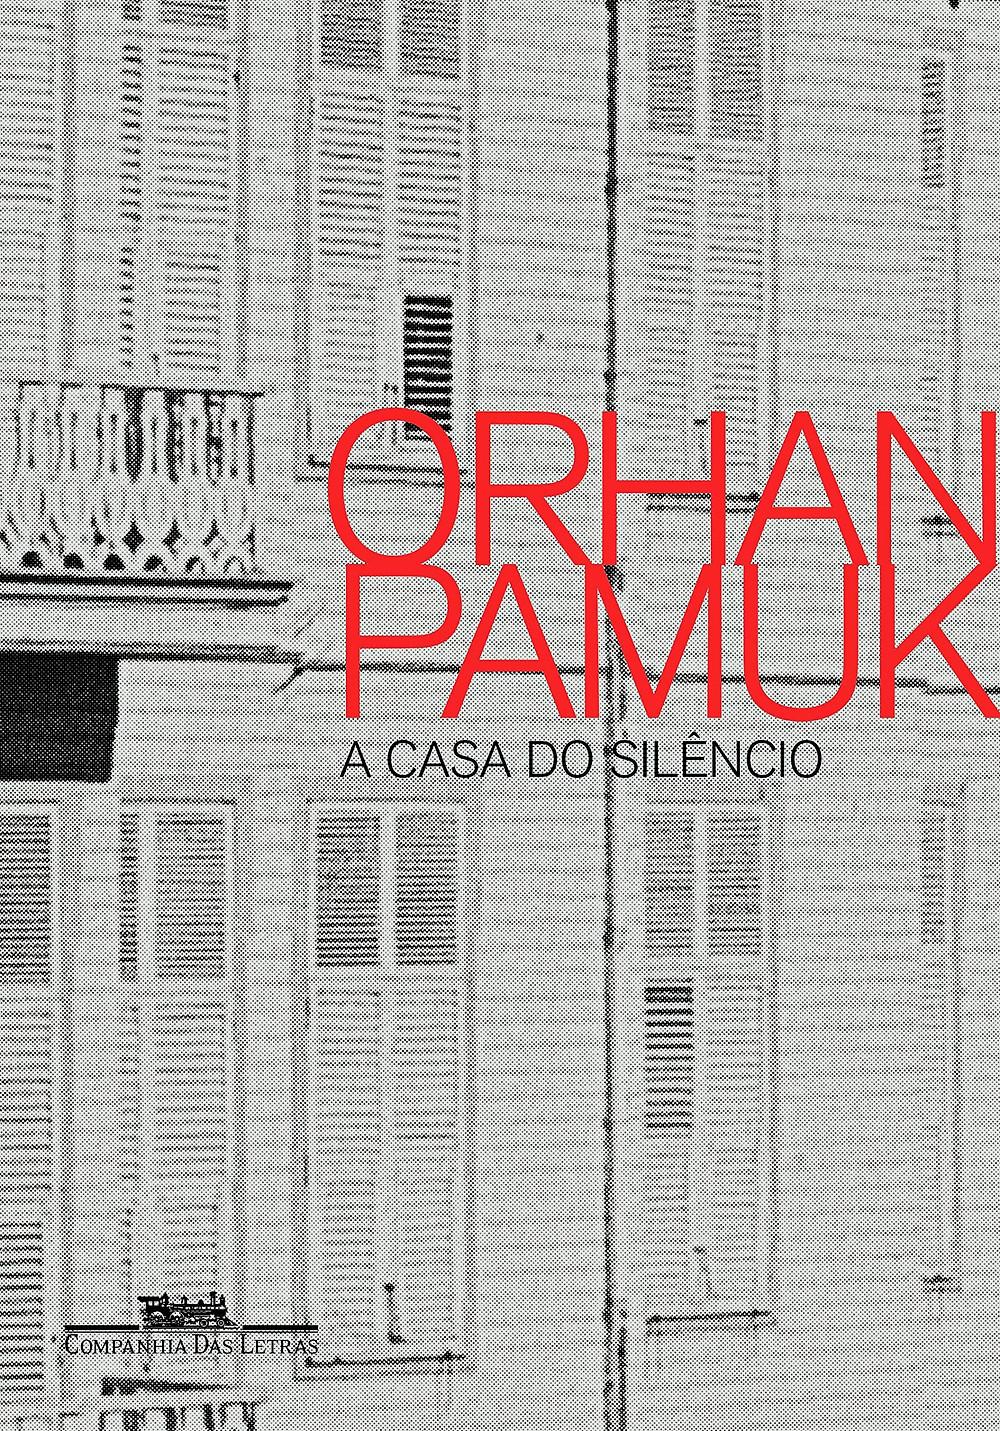 Livro A Casa do Silêncio de Orhan Pamuk